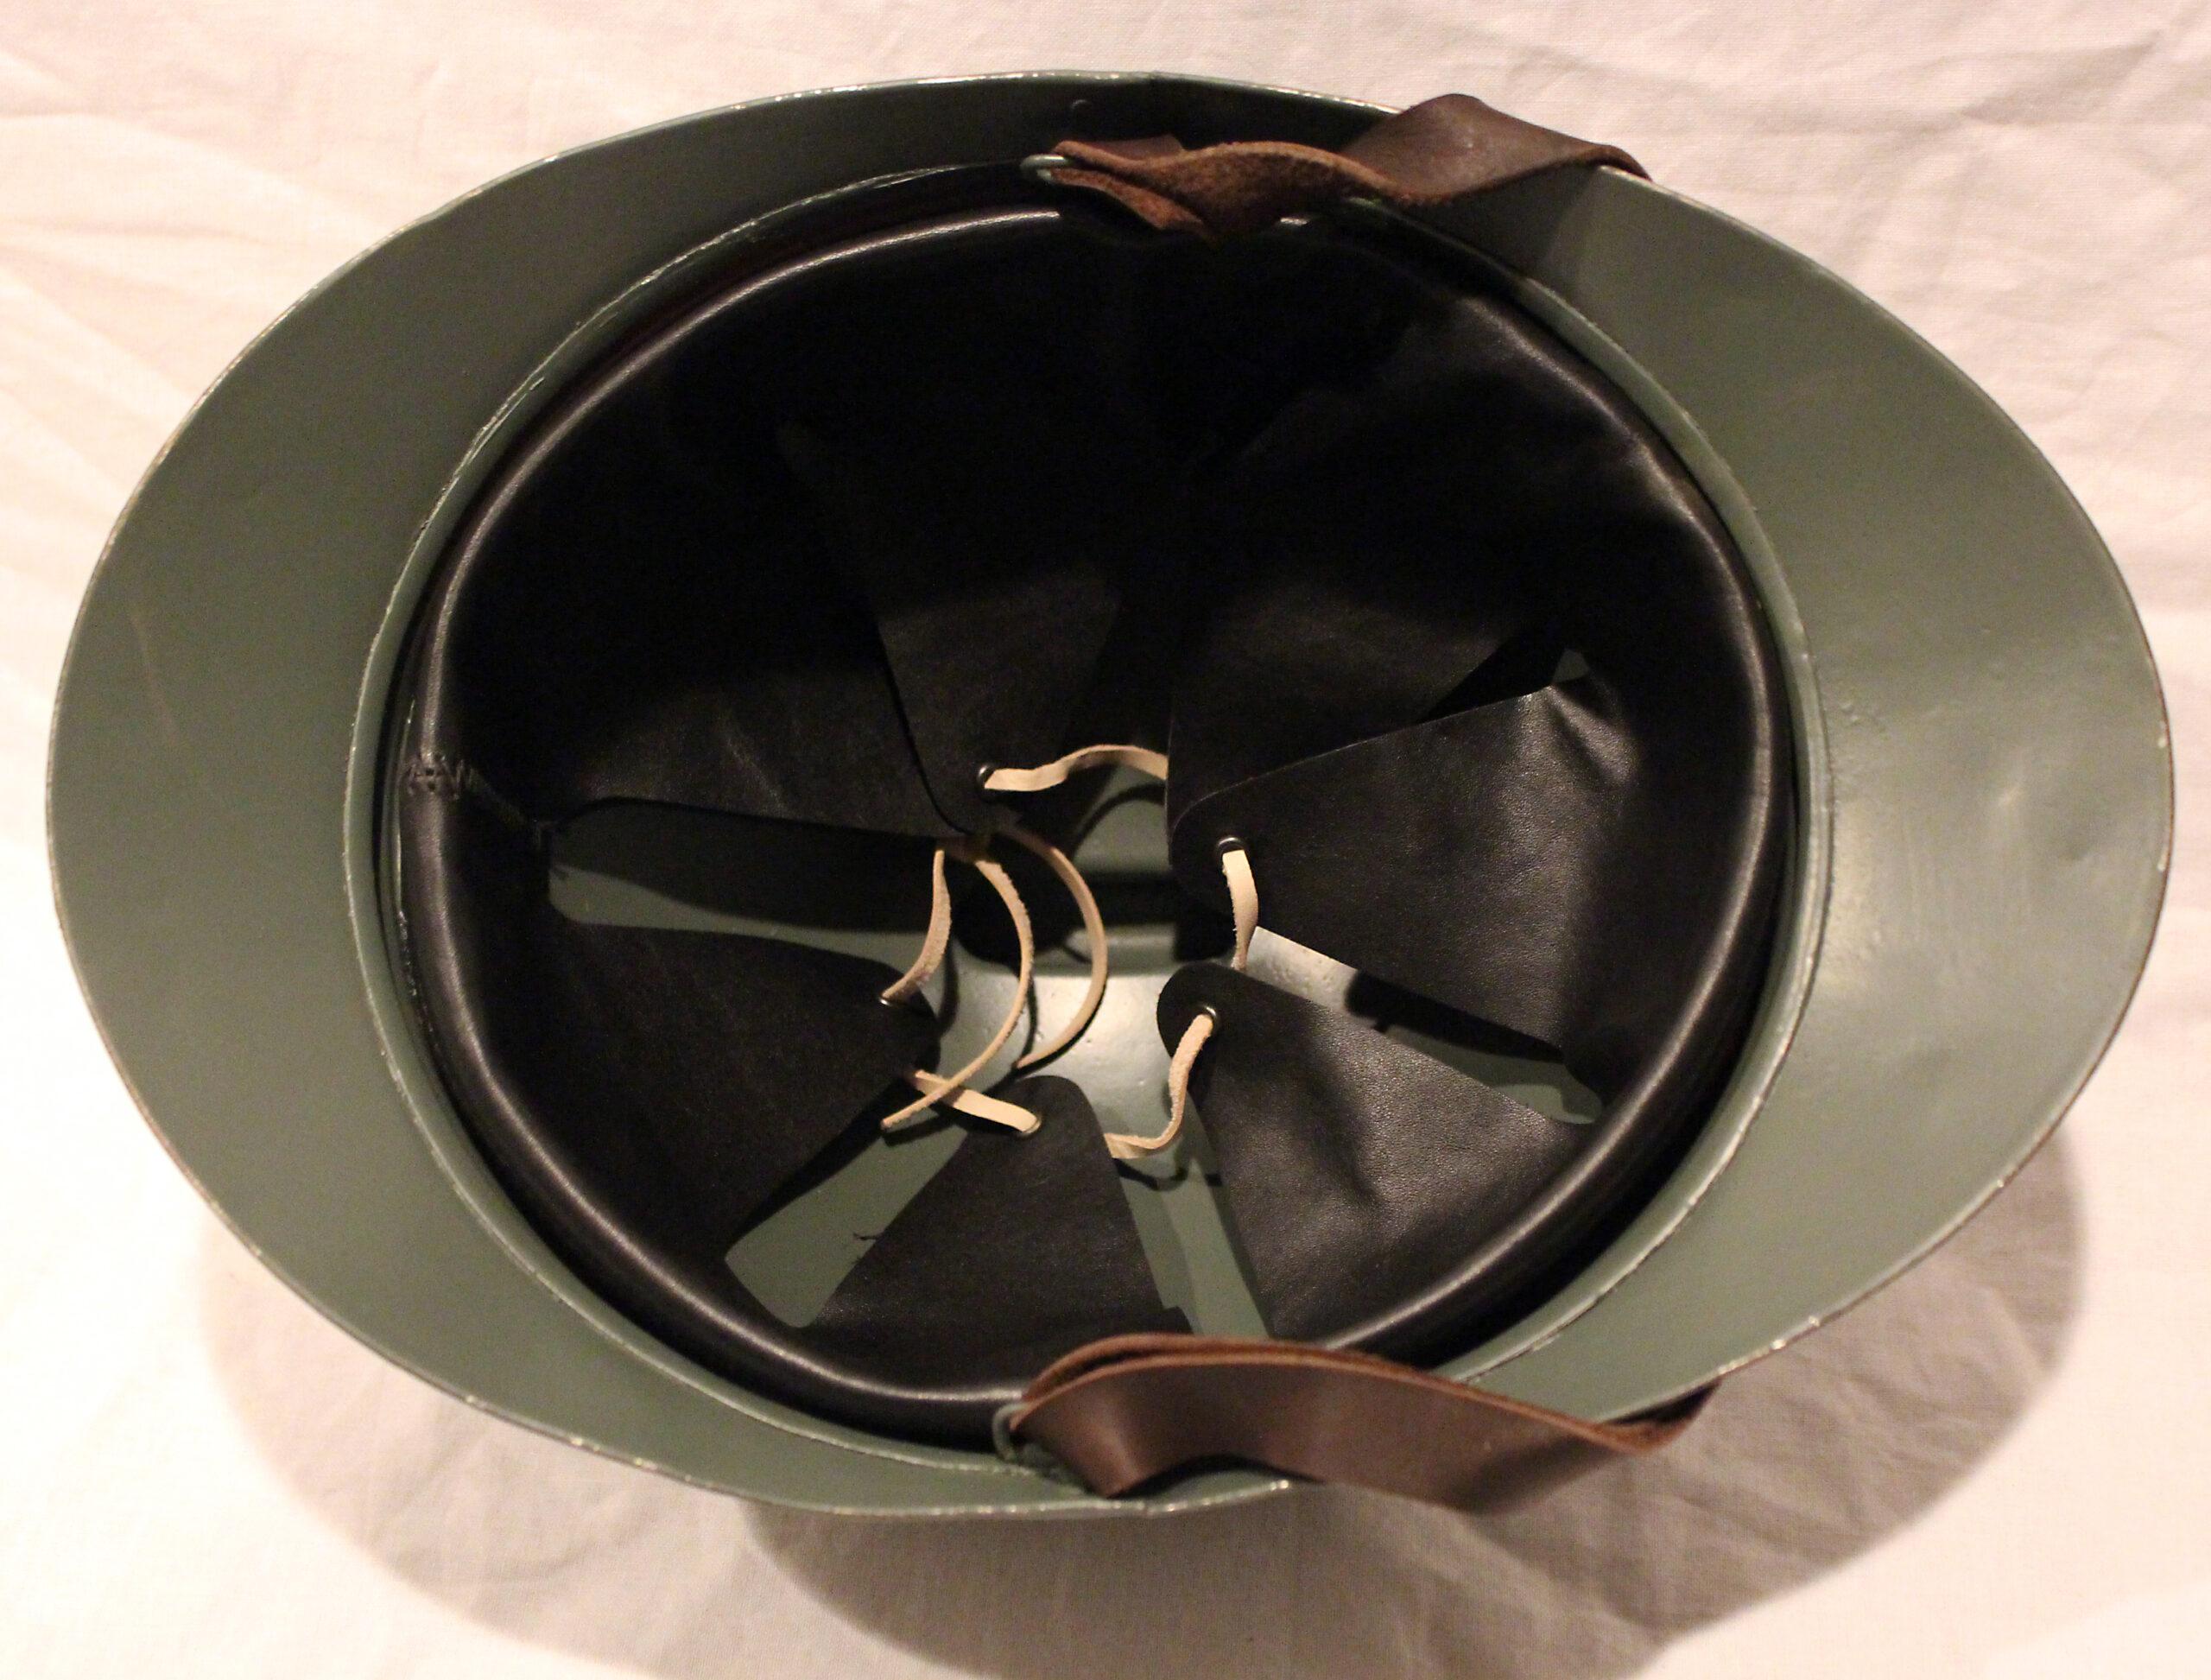 M15 Adrian helmet, Italian use